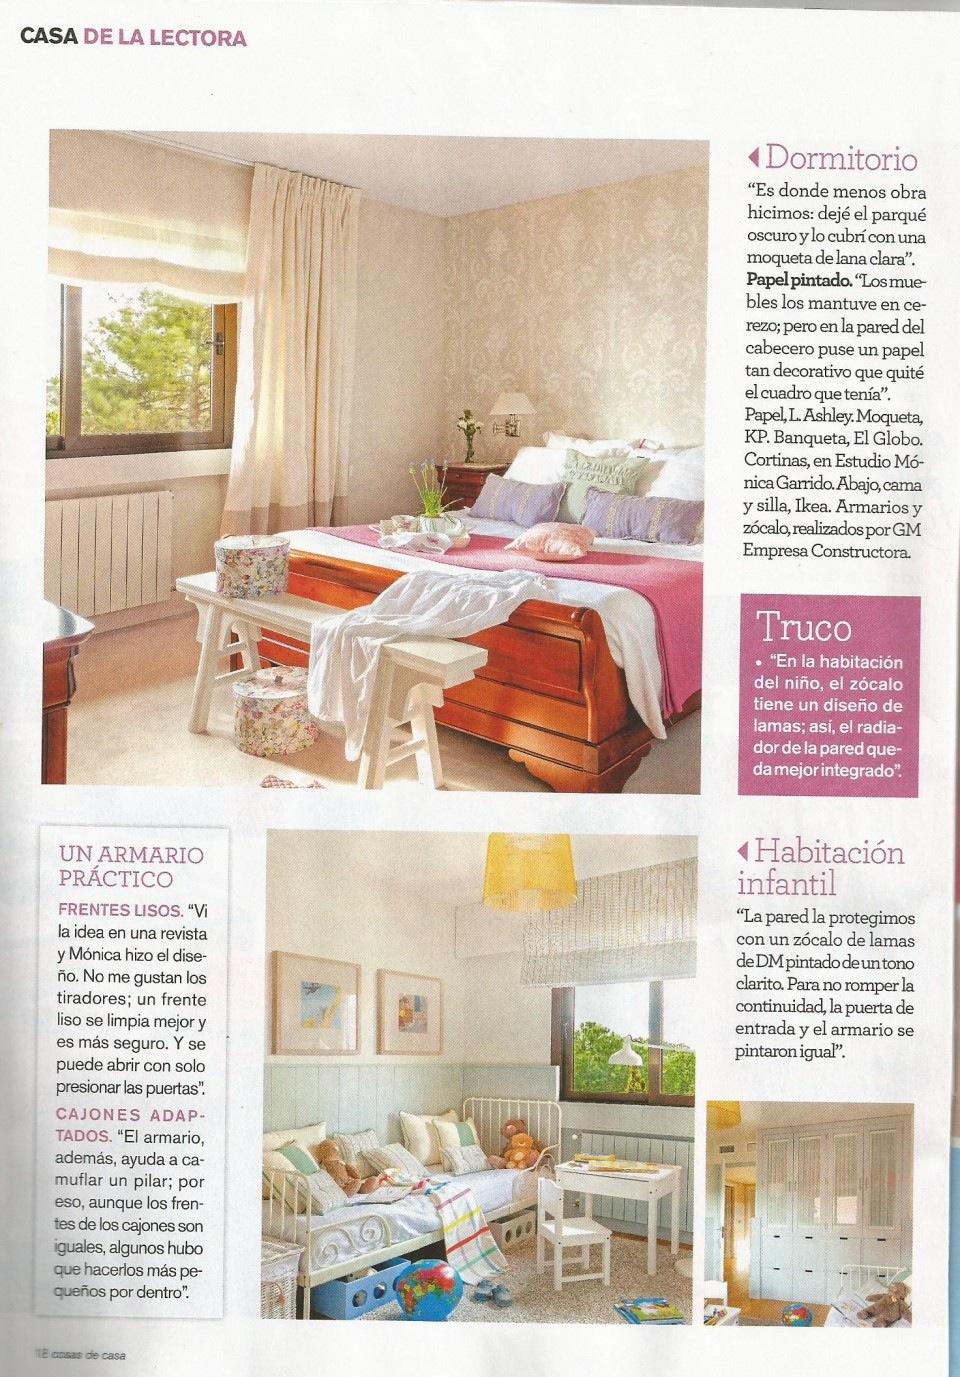 Cosas de casa revista best revista with cosas de casa for Cosas de casa muebles